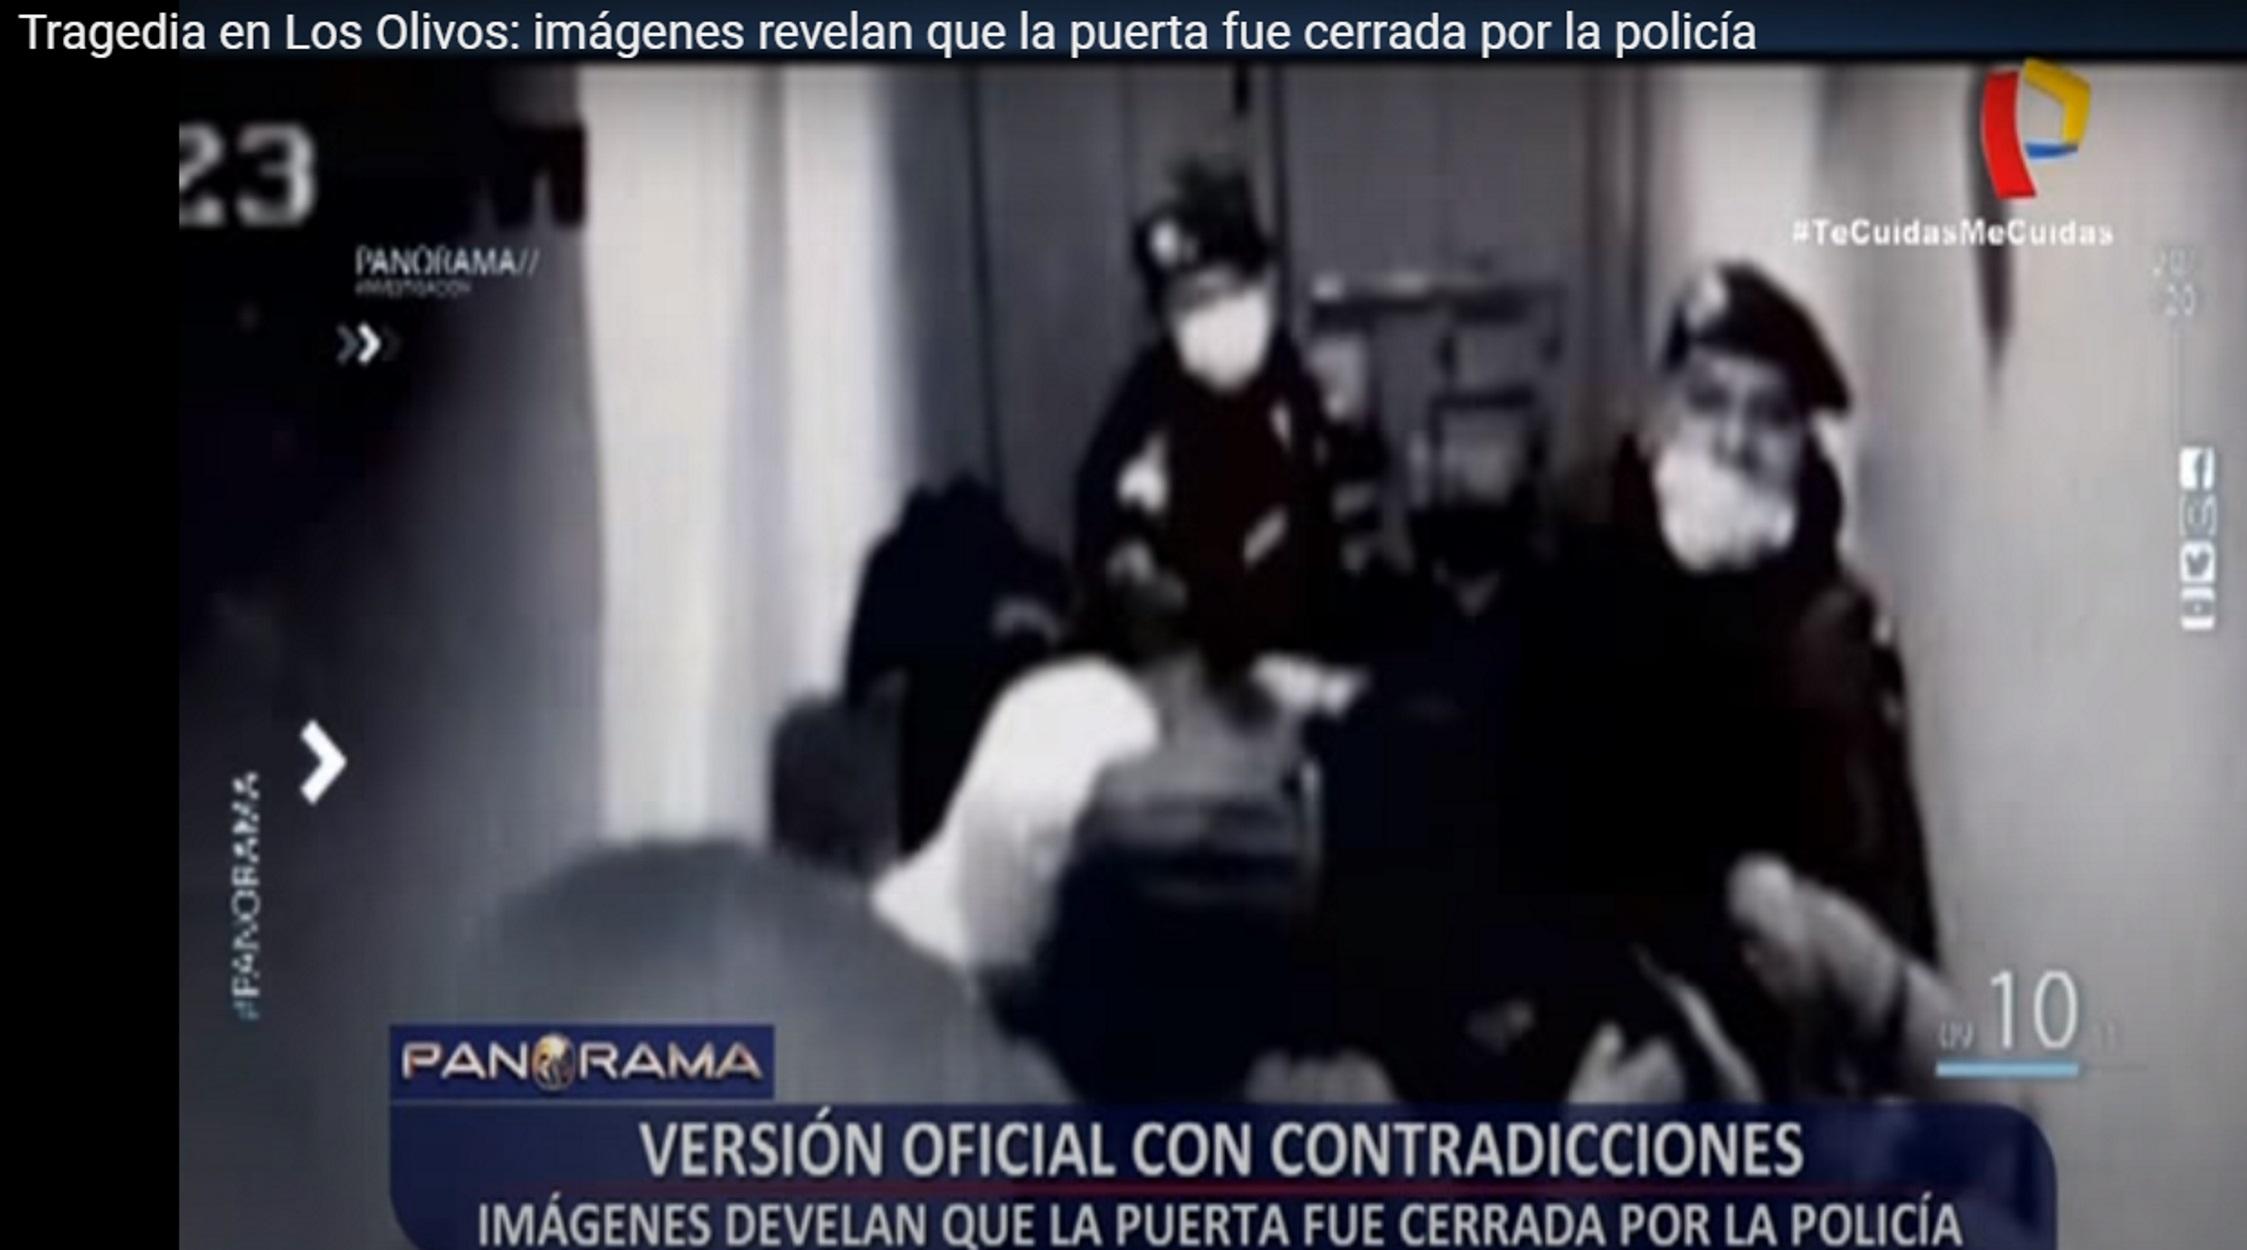 Σάλος στο Περού: Βίντεο αποκαλύπτει ευθύνες της αστυνομίας για τραγωδία με 13 νεκρούς (video)